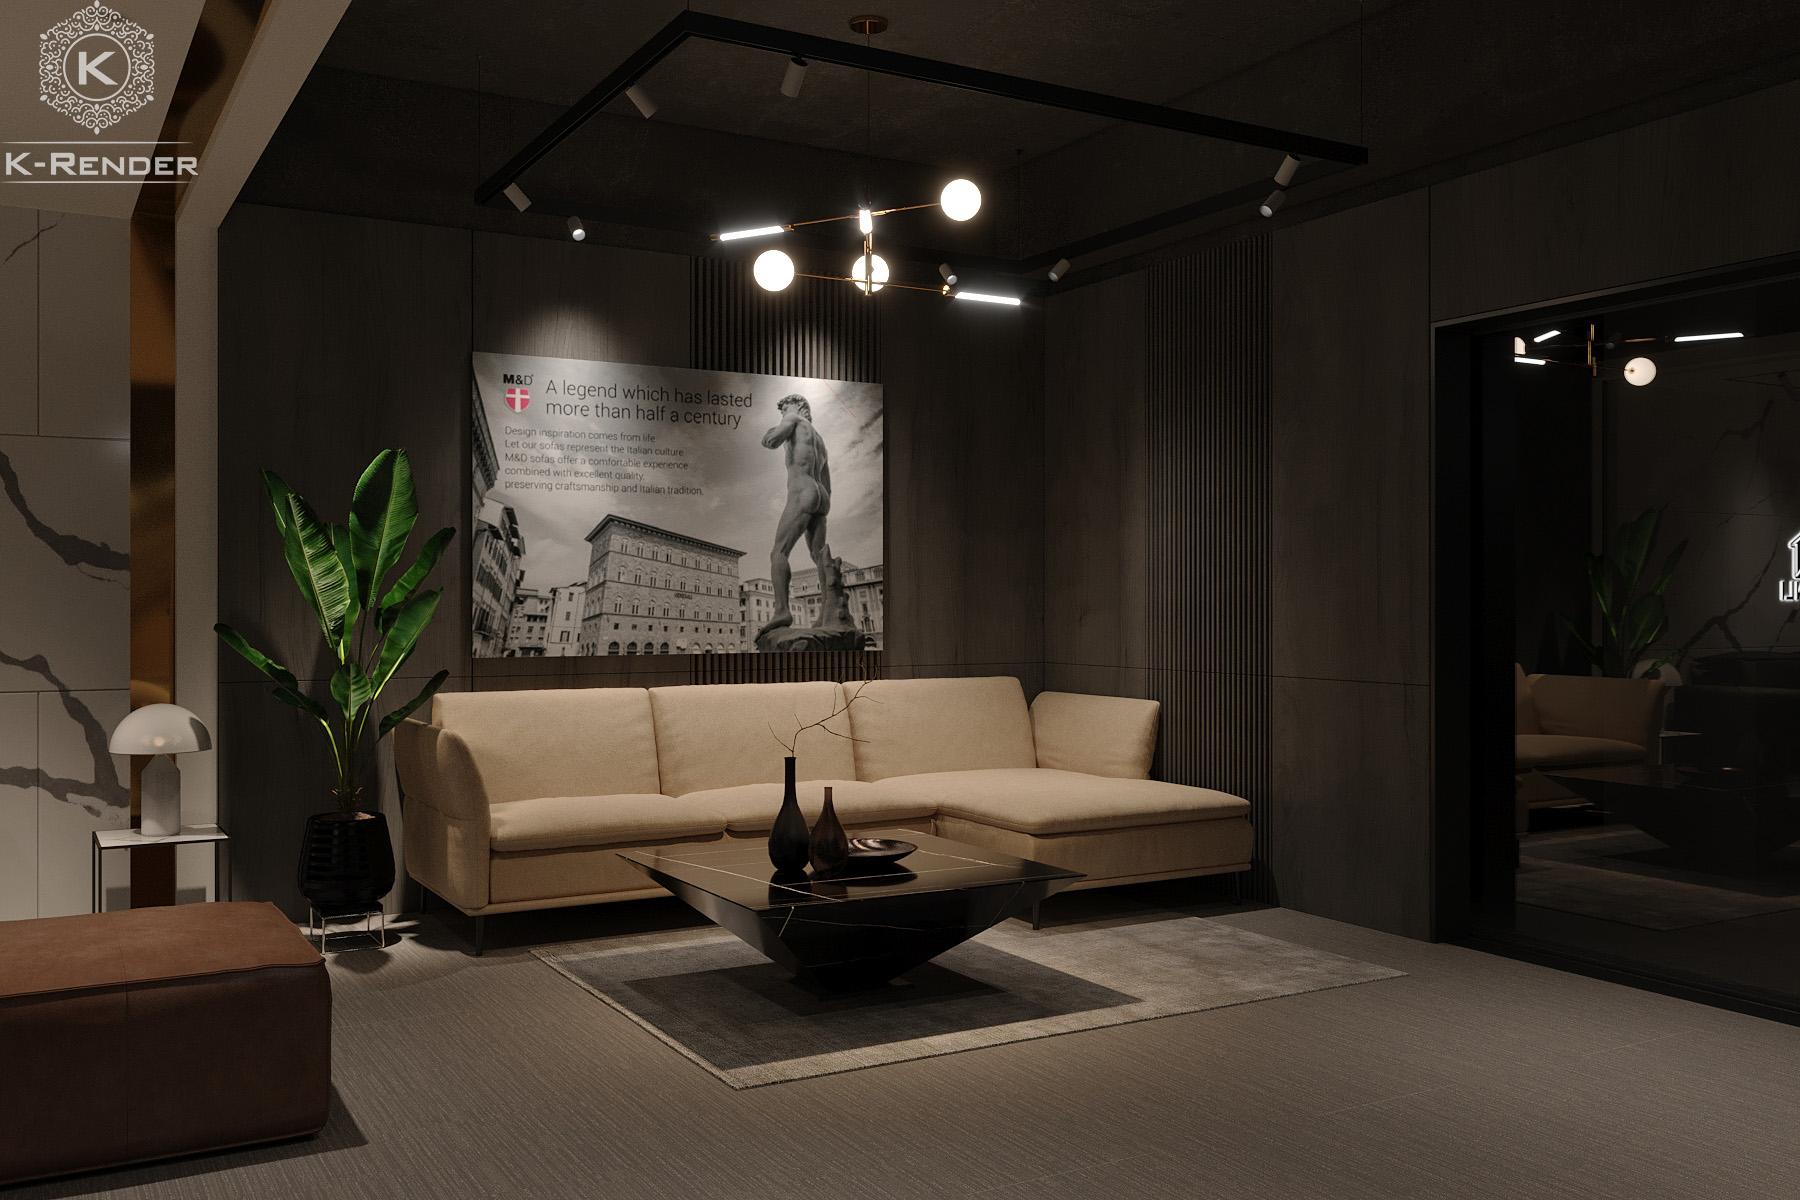 the-new-kenli-showroom-project-by-k-render-studio-26